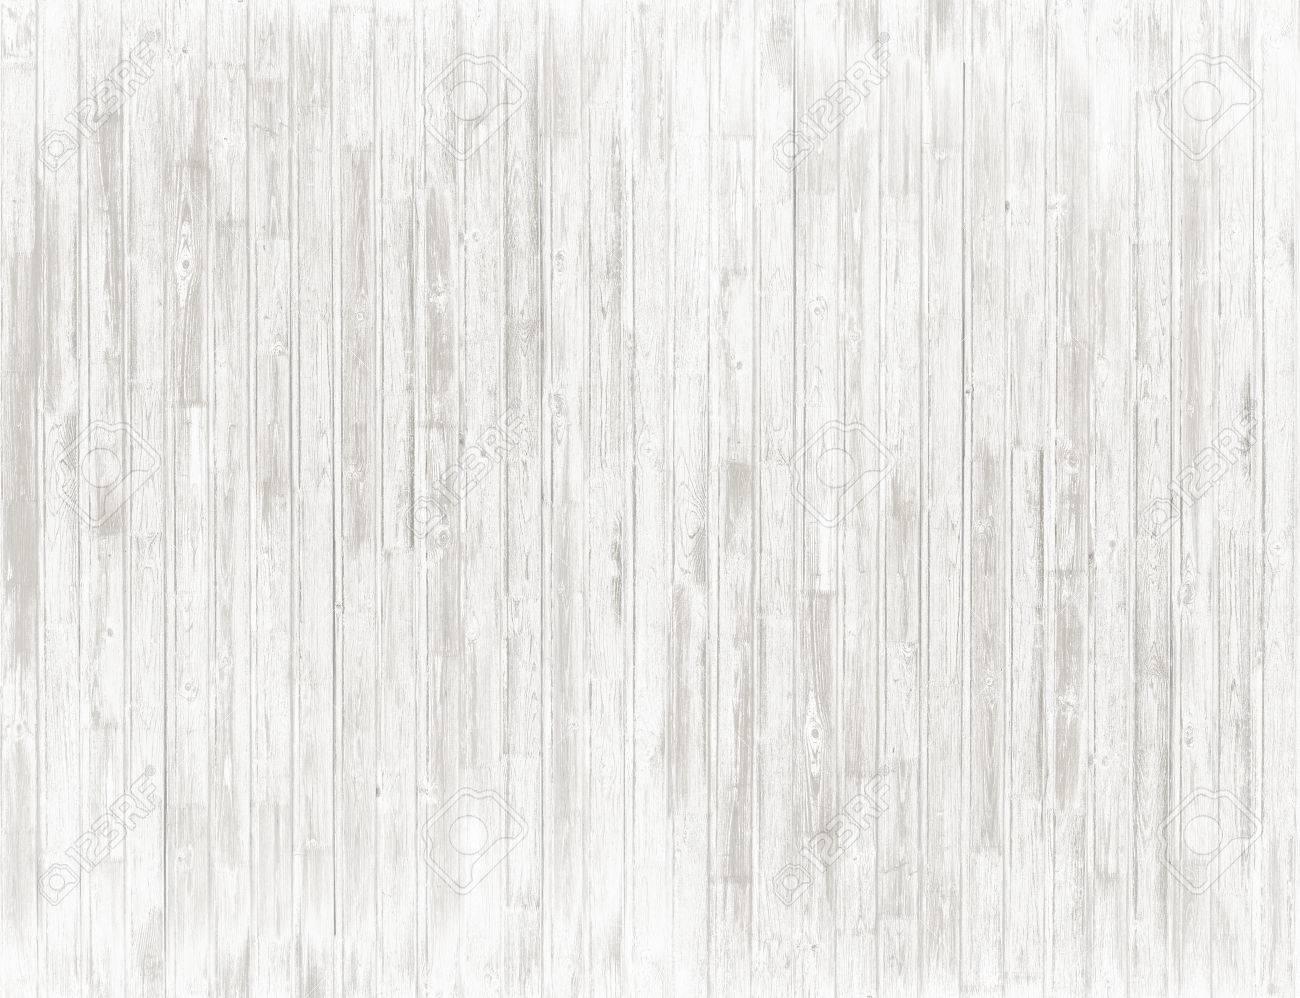 Legno Bianco Texture : Alta qualità delle texture di legno bianco foto royalty free